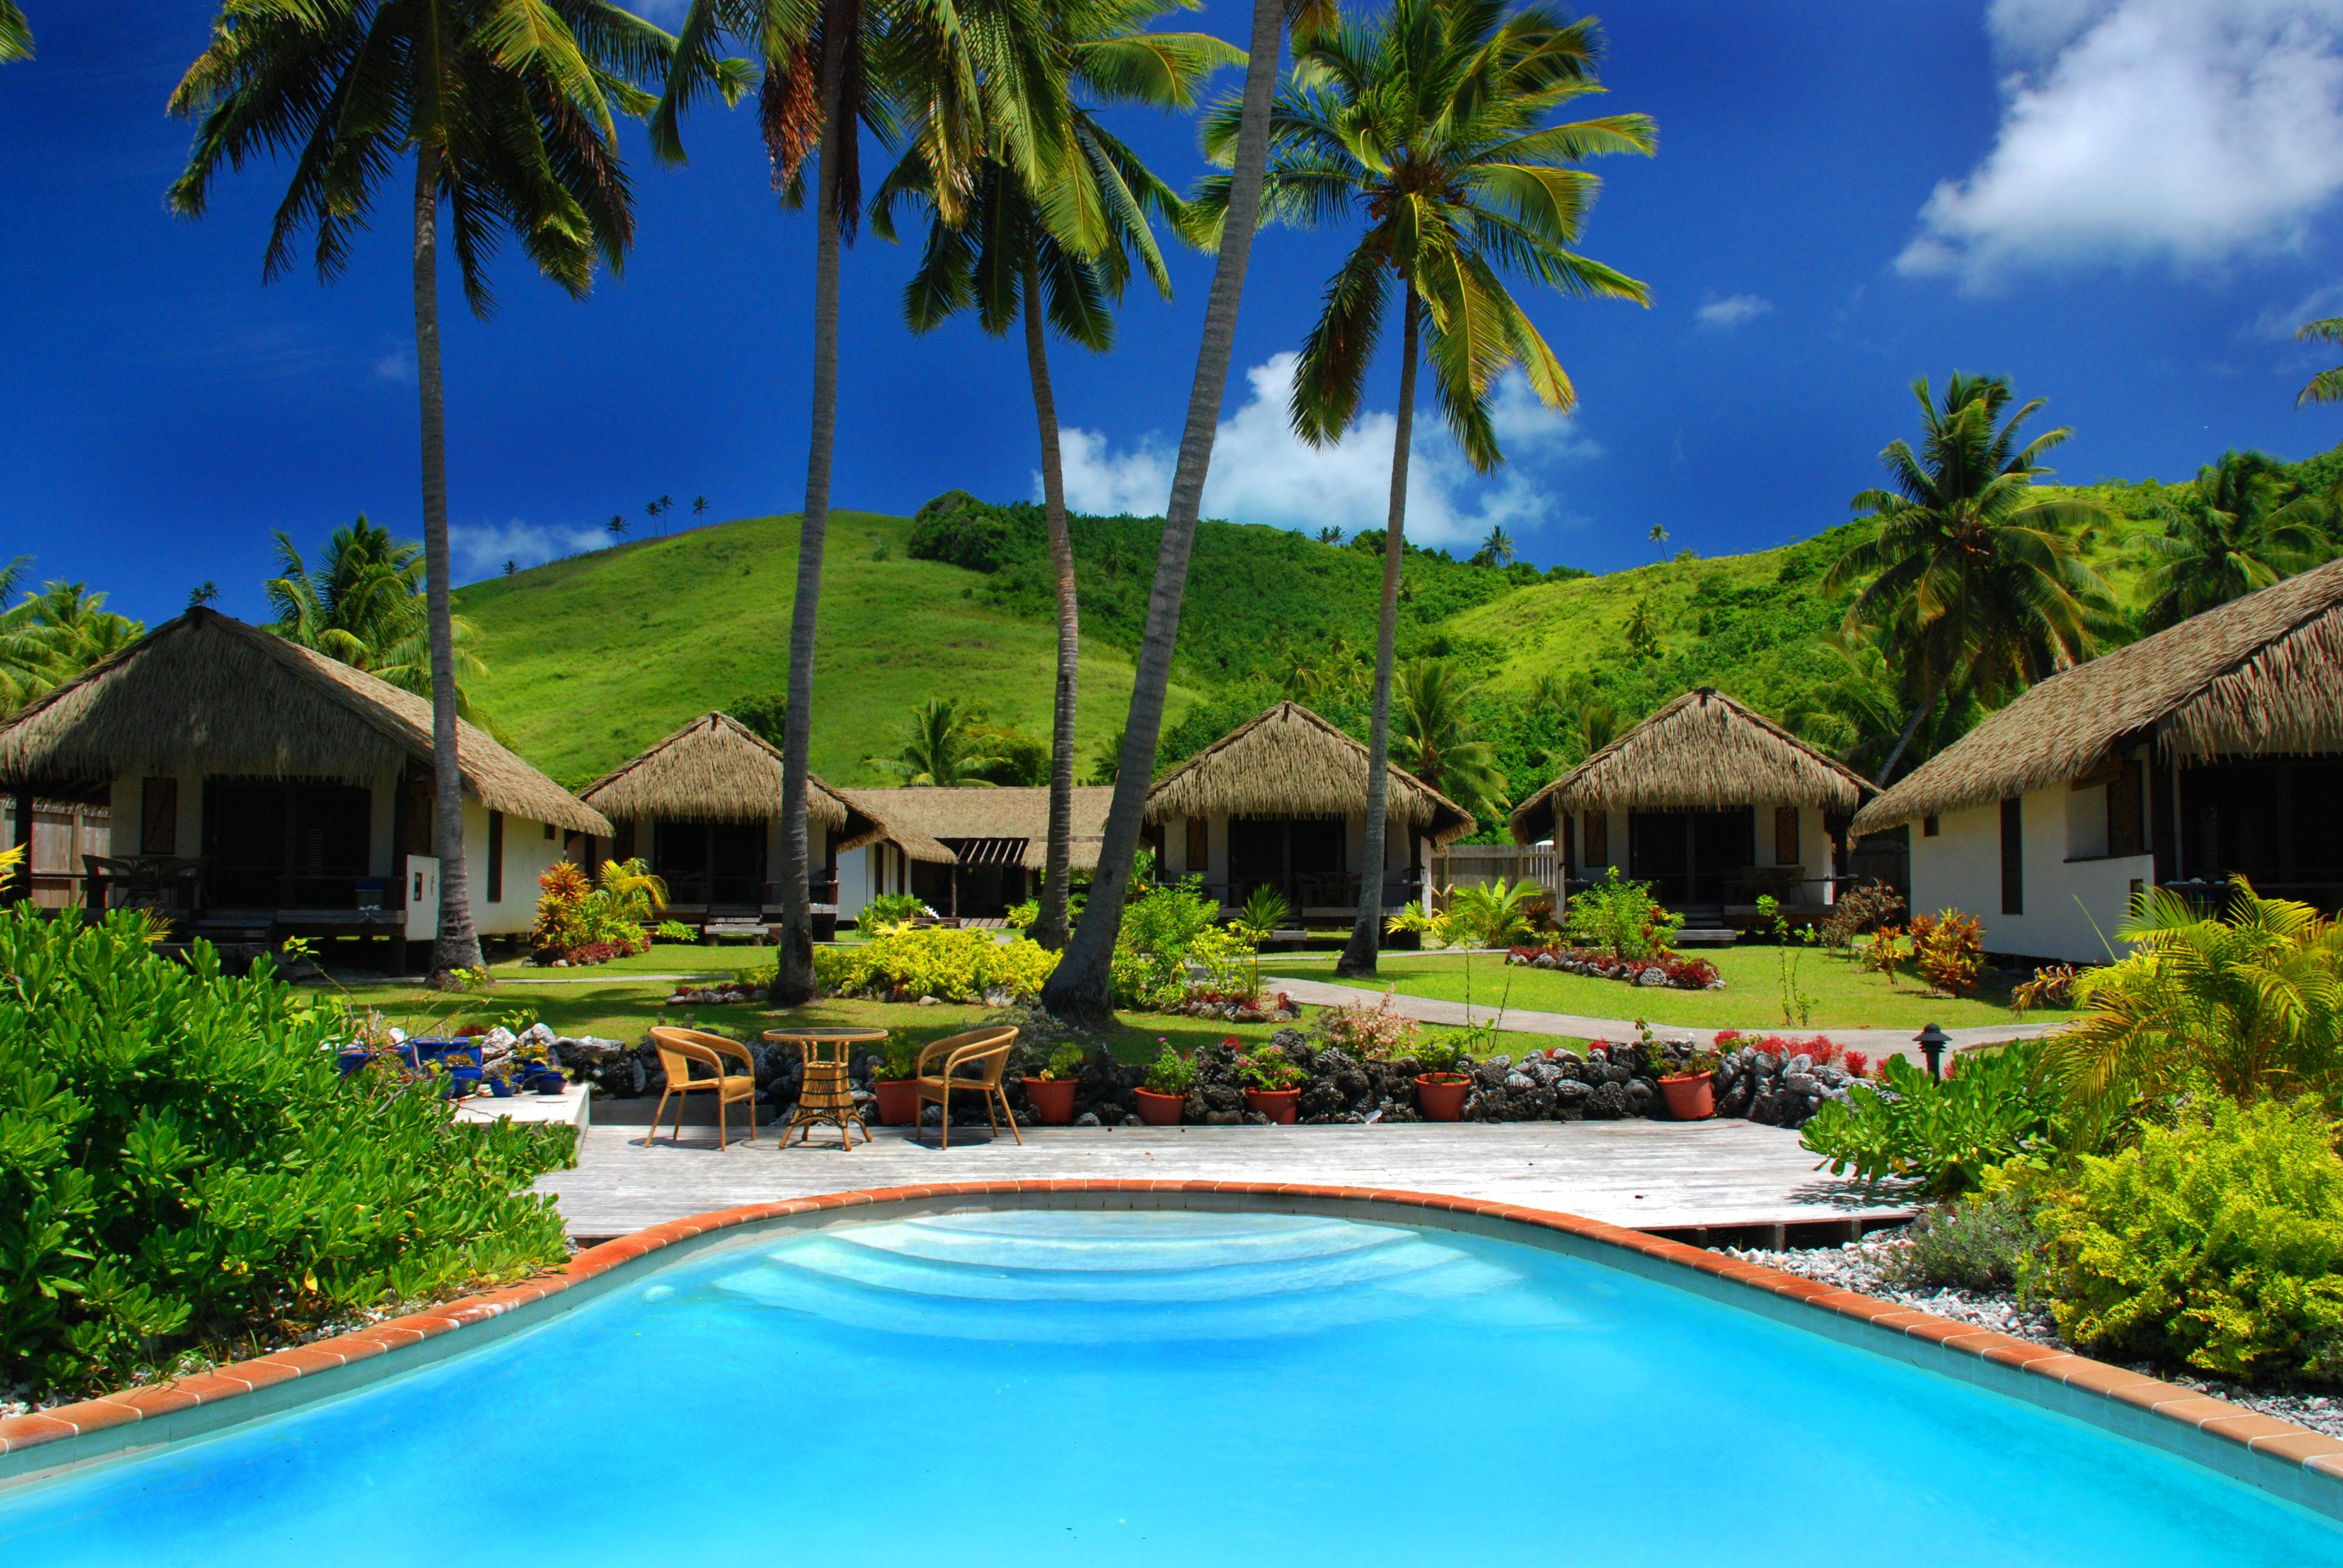 Vanua Levu and Navadra Islands, Fiji  № 824231 бесплатно